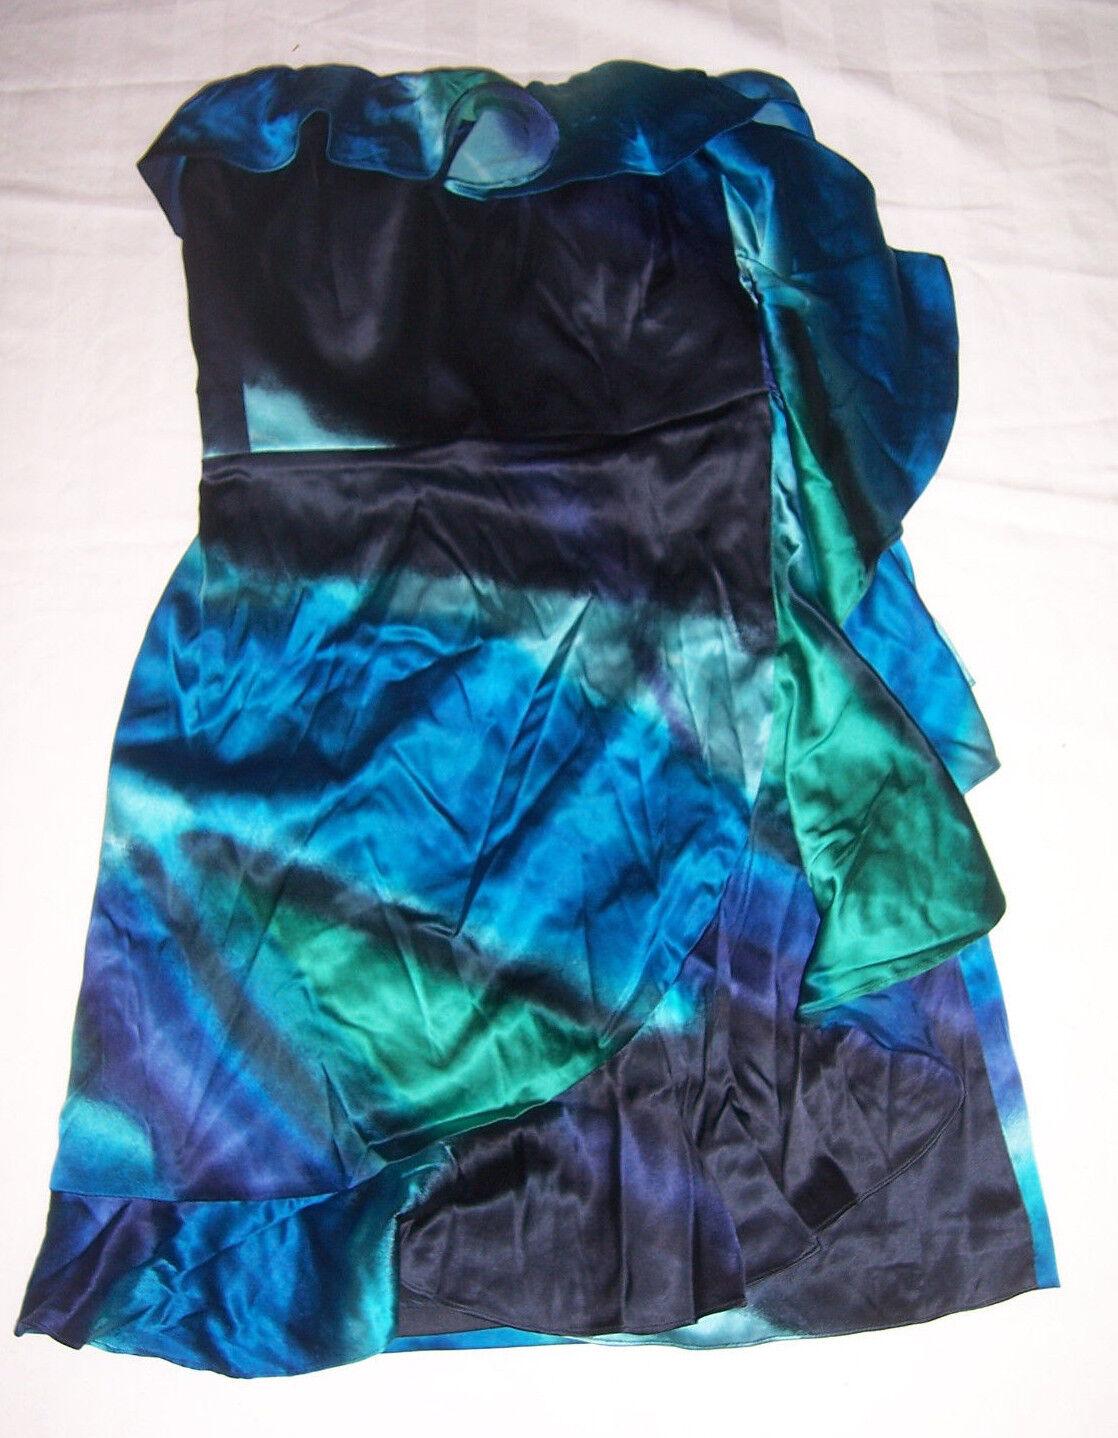 NWT Express schwarz Grün & Blau Silk Strapless Ruffled Dress Misses Größe 4